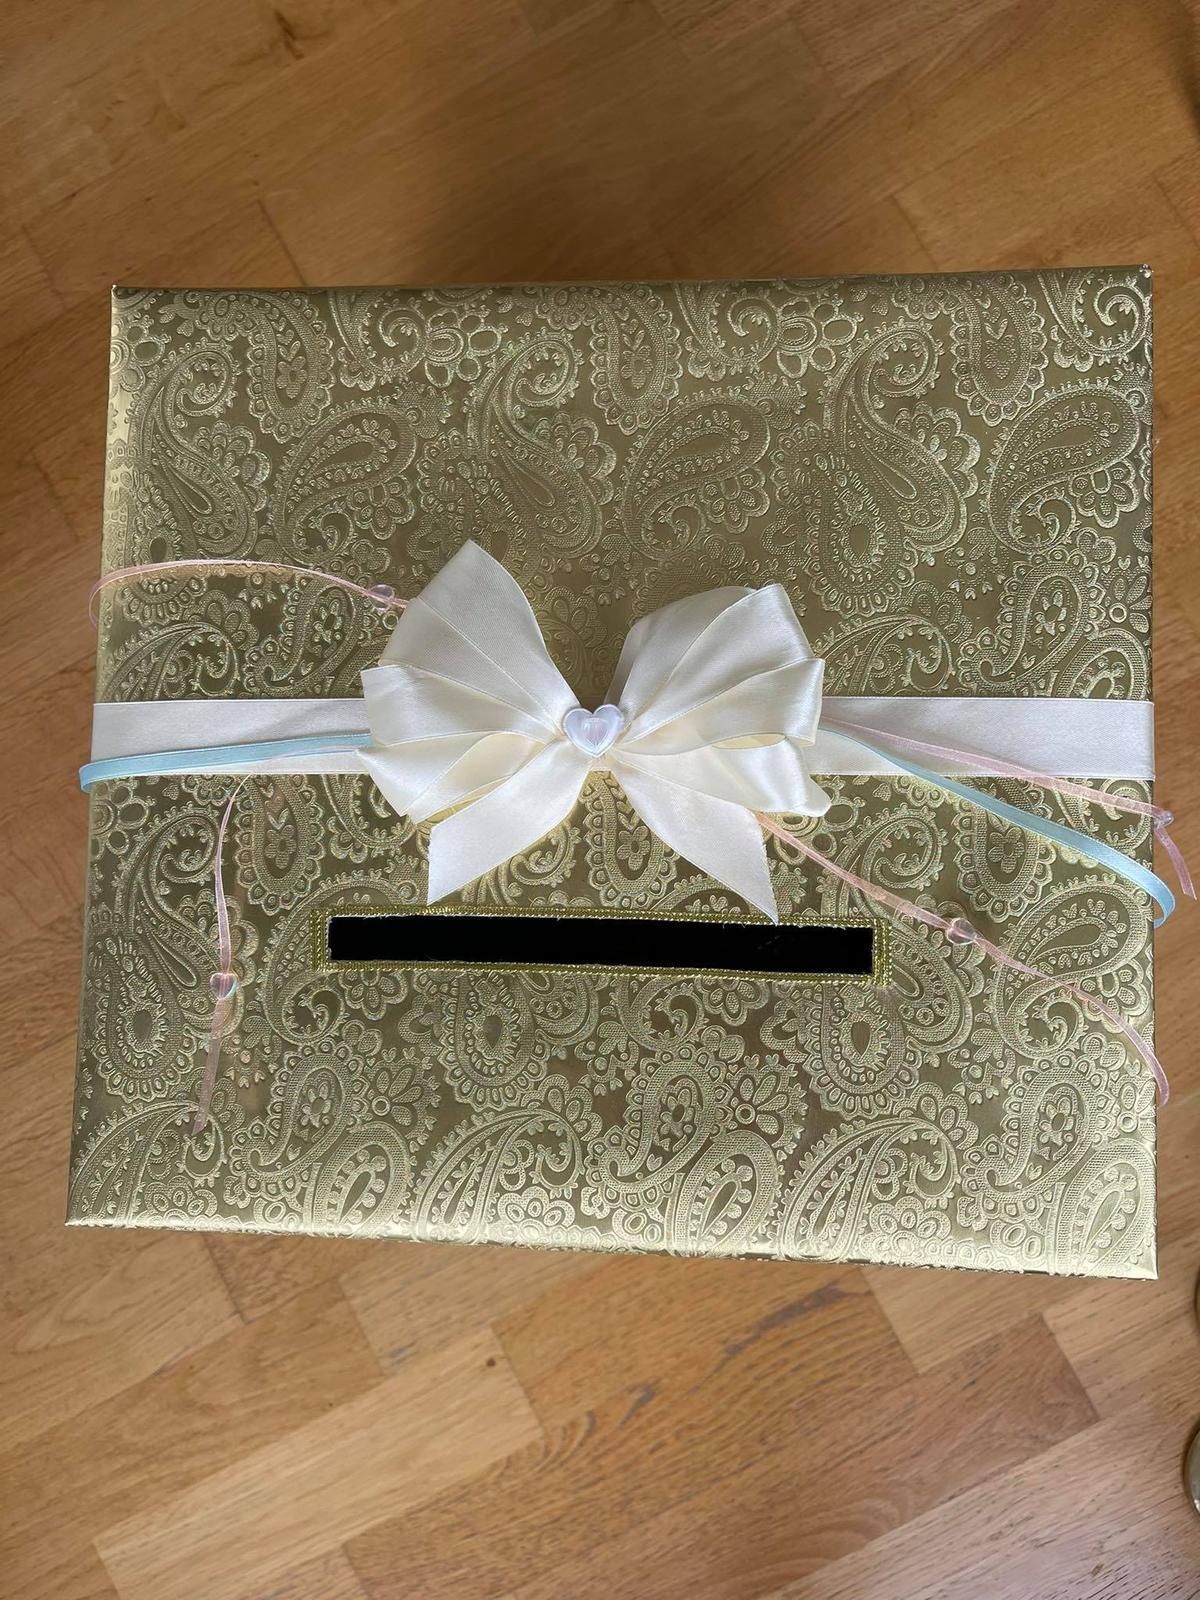 Krabice/pokladnička na přání a dary - Obrázek č. 1